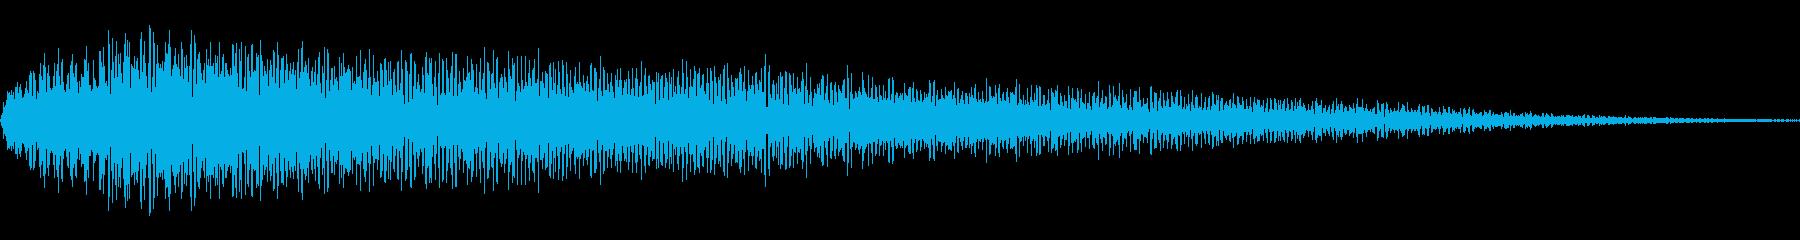 ピロン(カーソル移動 表示 決定)の再生済みの波形